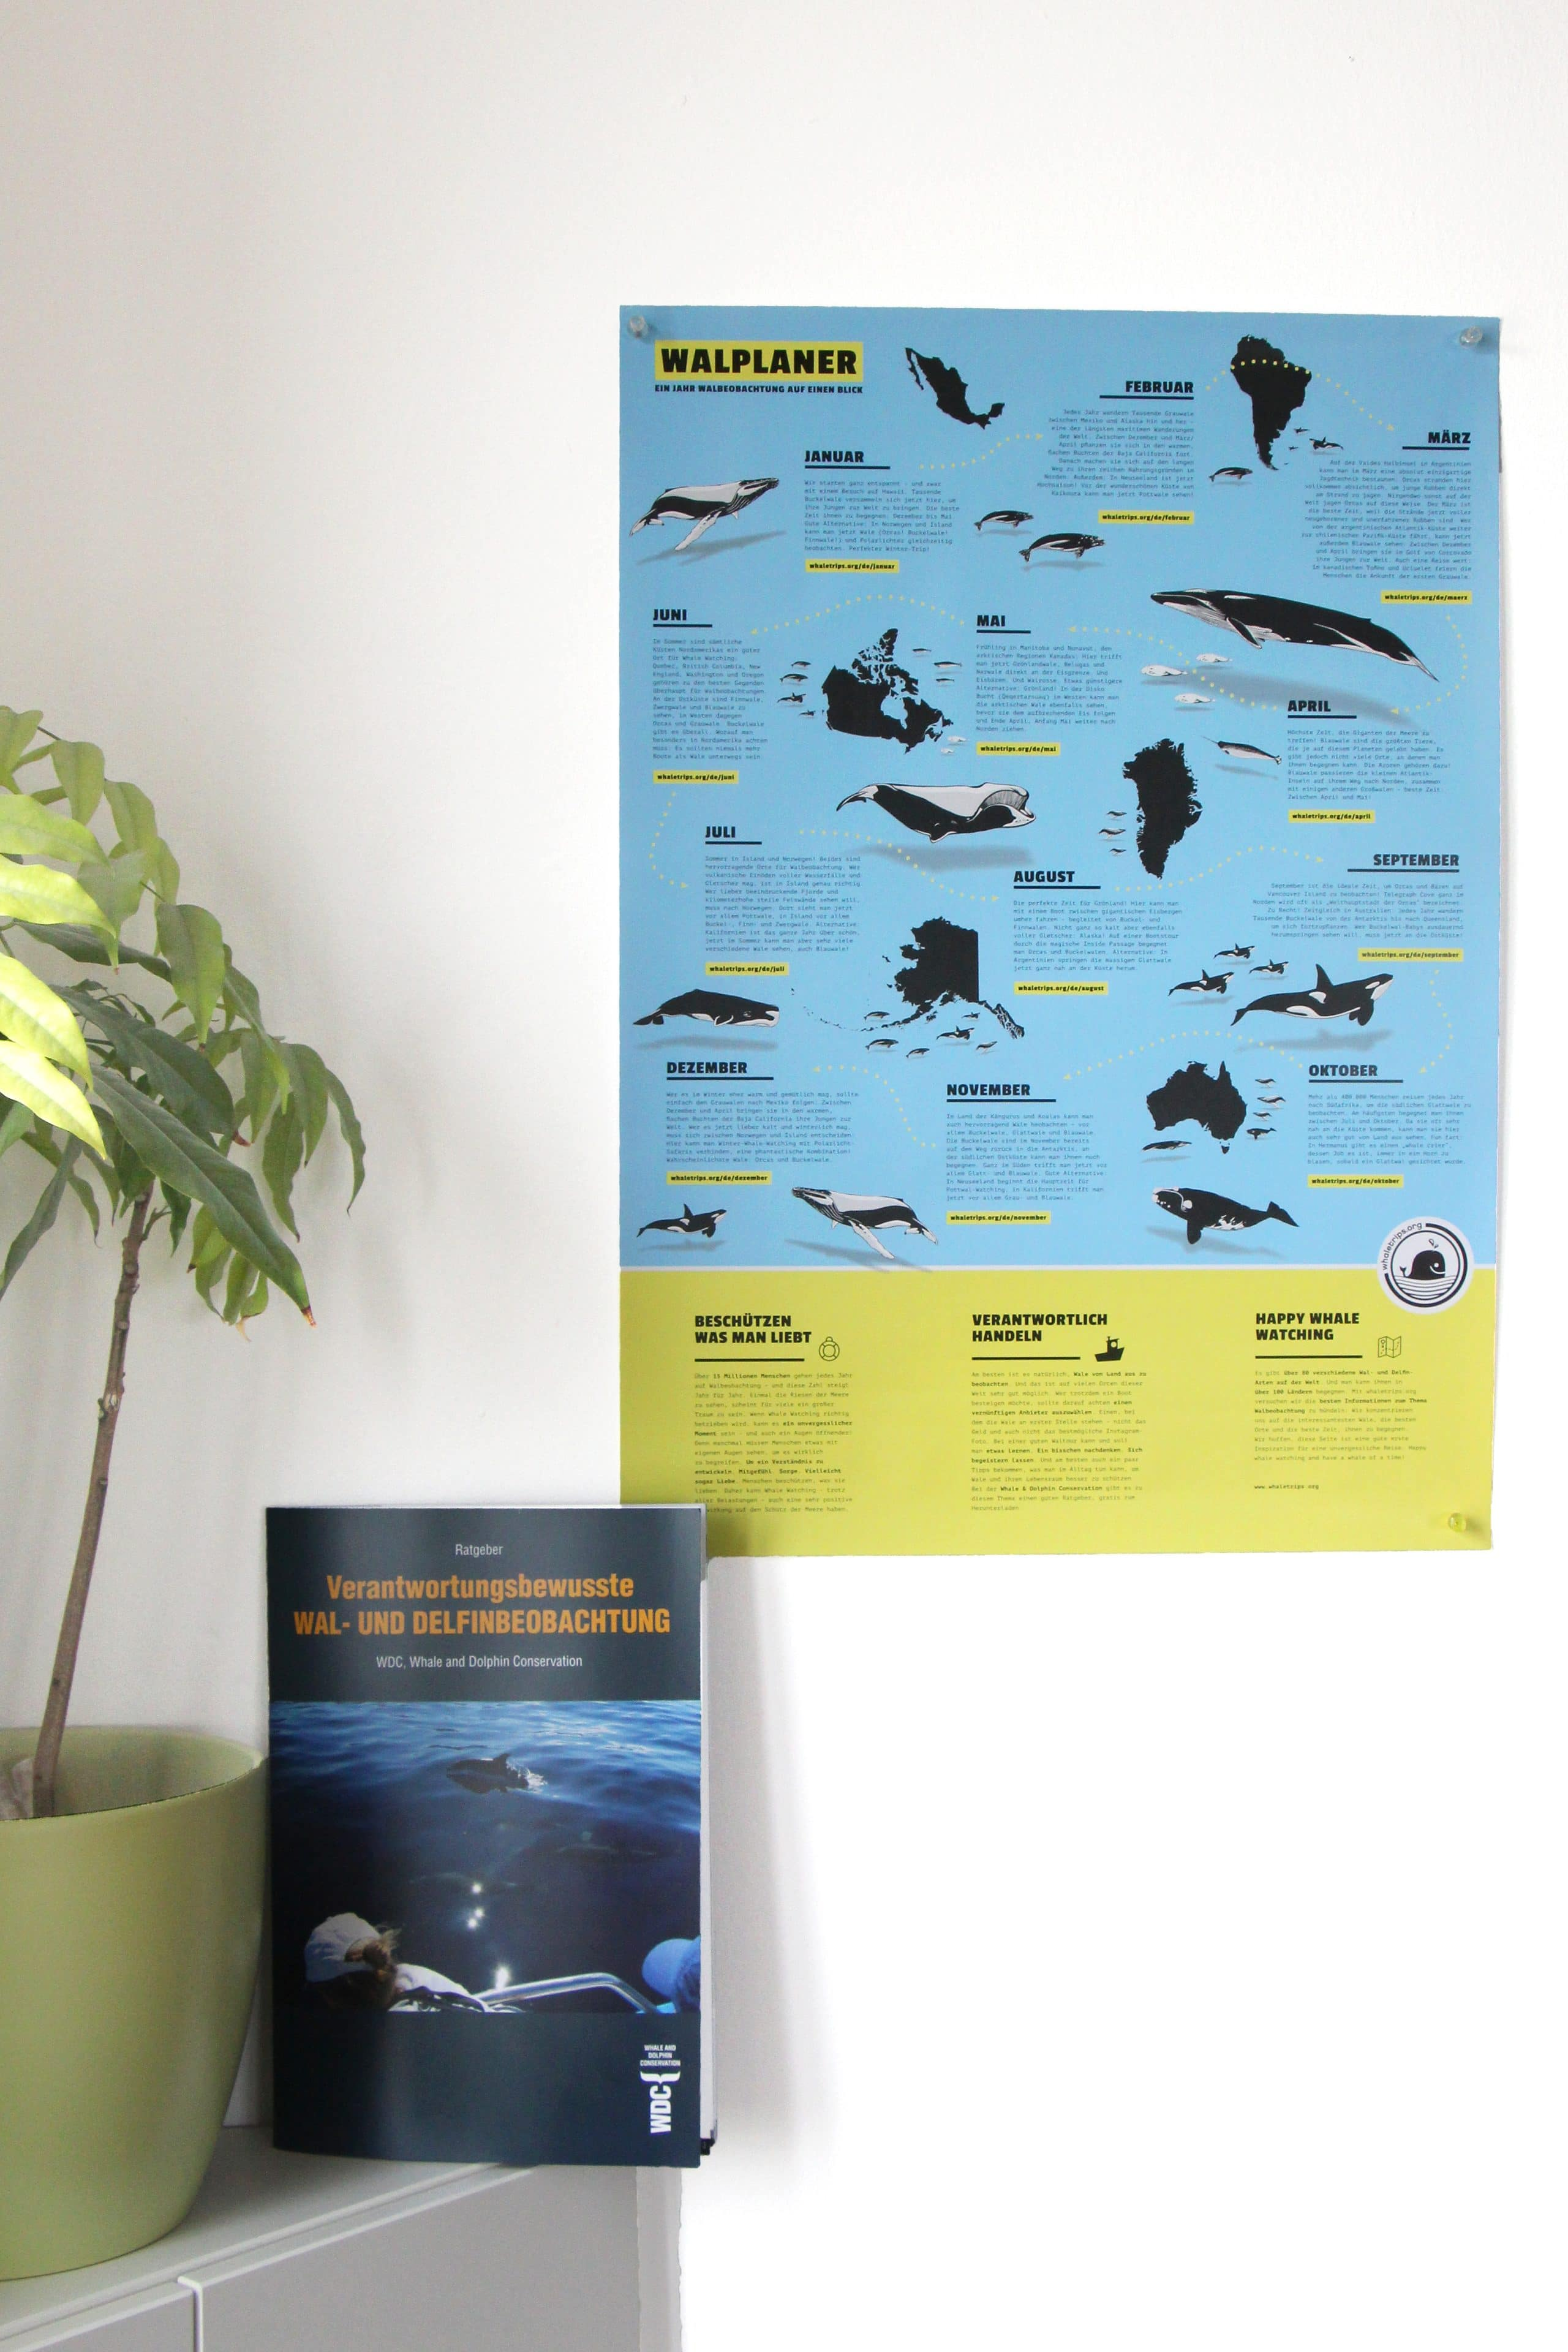 Whale Watching Guide - Walbeobachtungsratgeber und Walplaner Poster